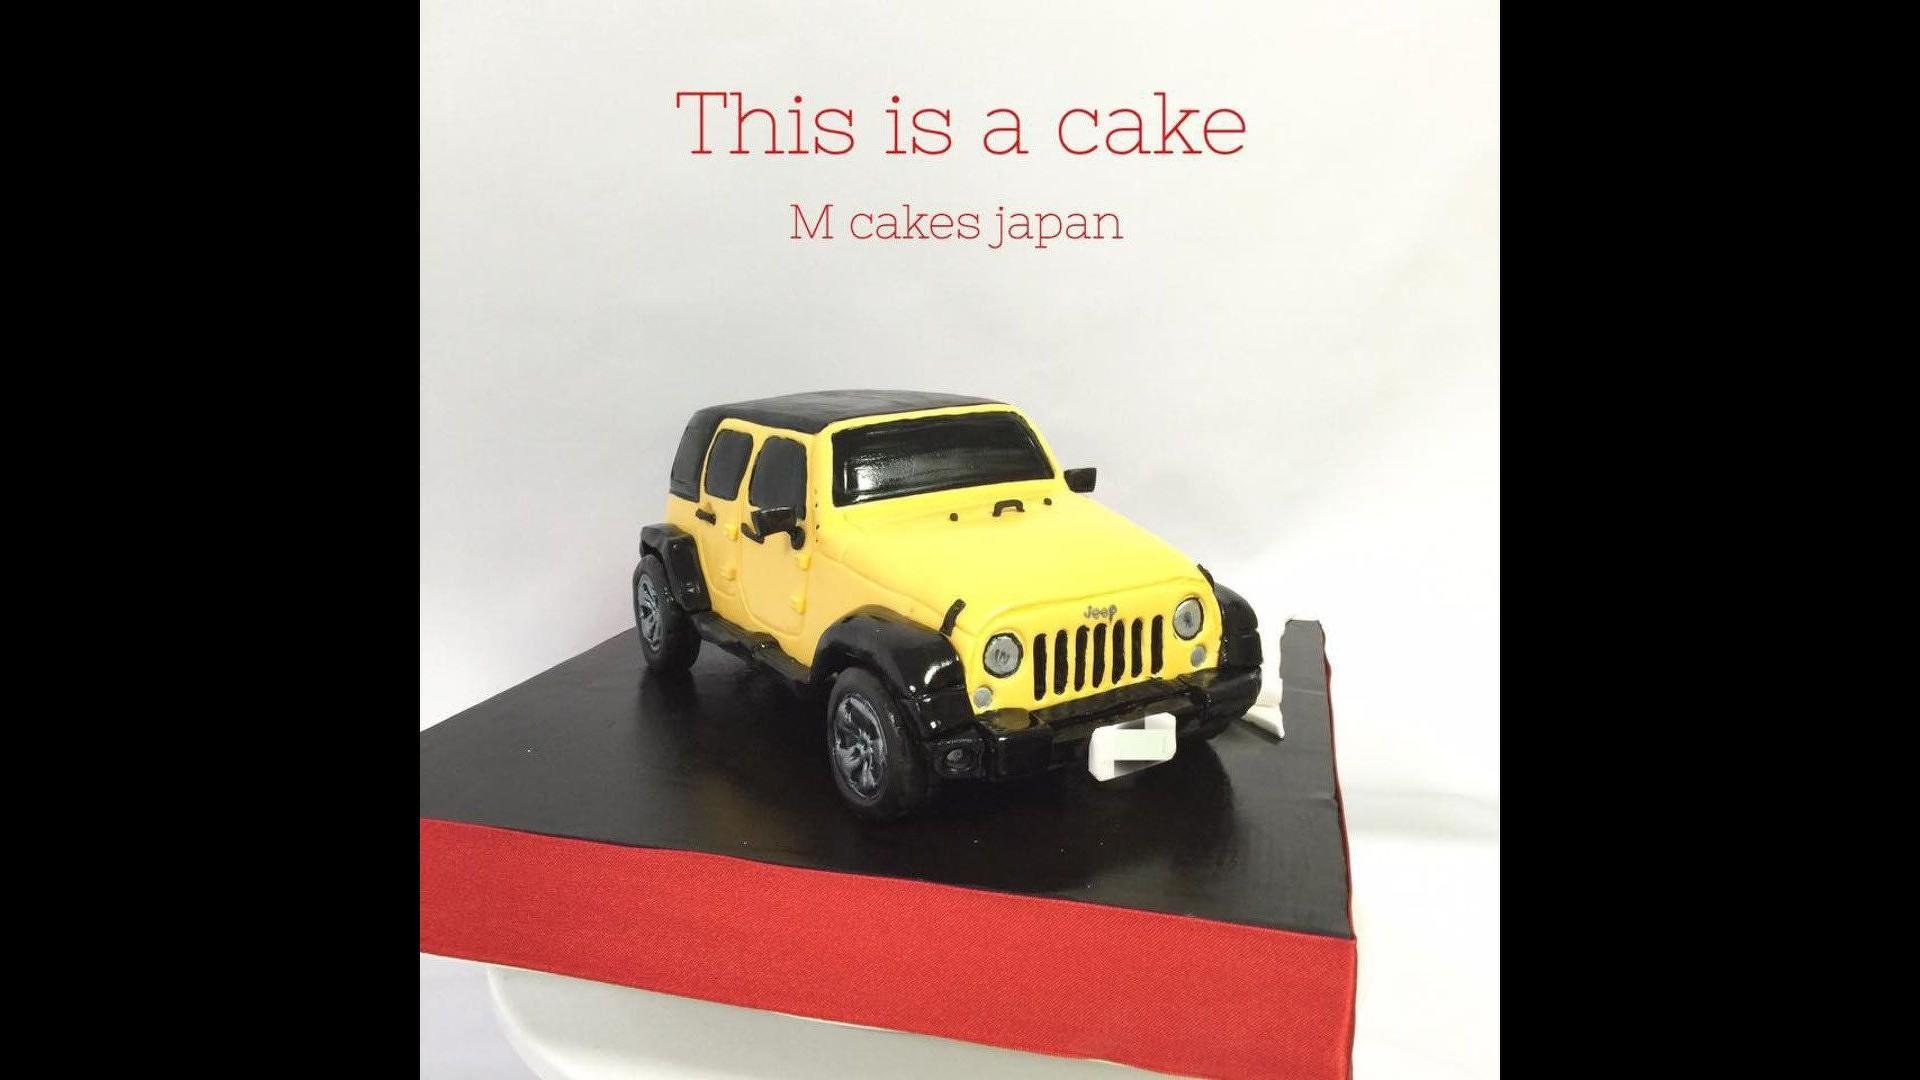 Mcakes_Japan_12